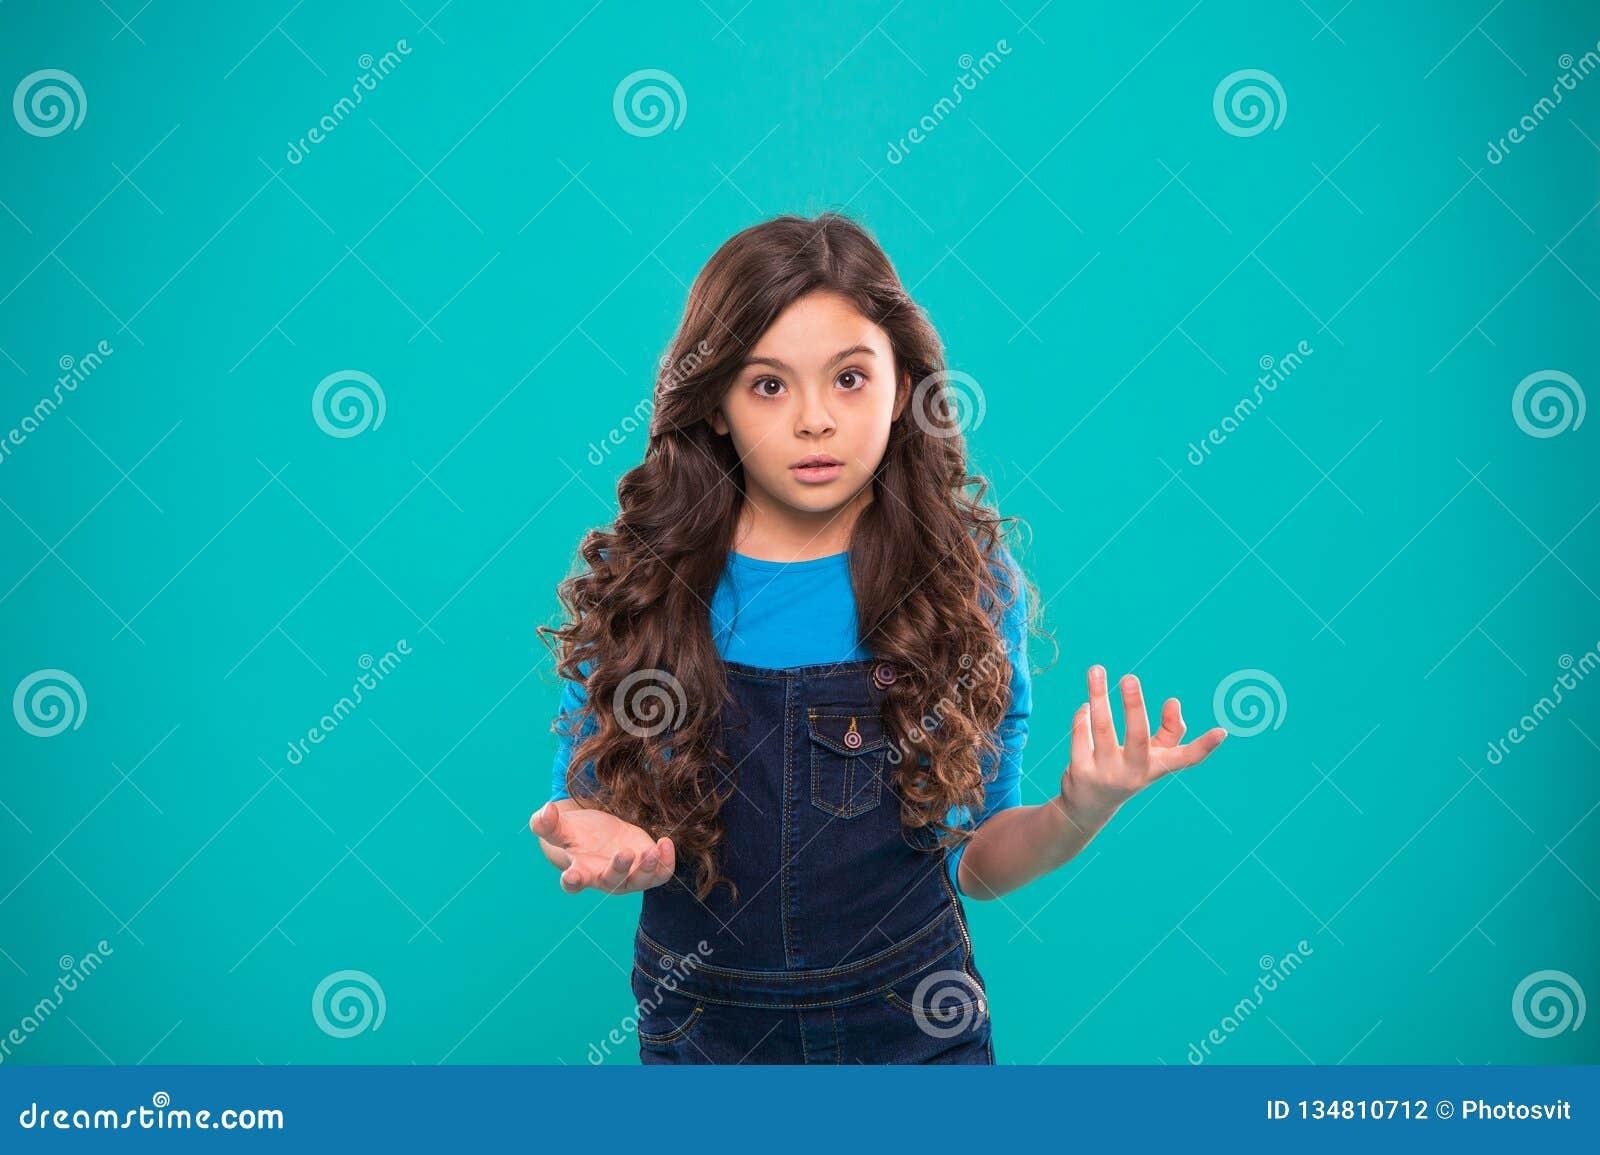 Cuáles son usted que habla La emoción desconcertante aturdida niño no puede creerla los ojos El preguntarse rizado del peinado de